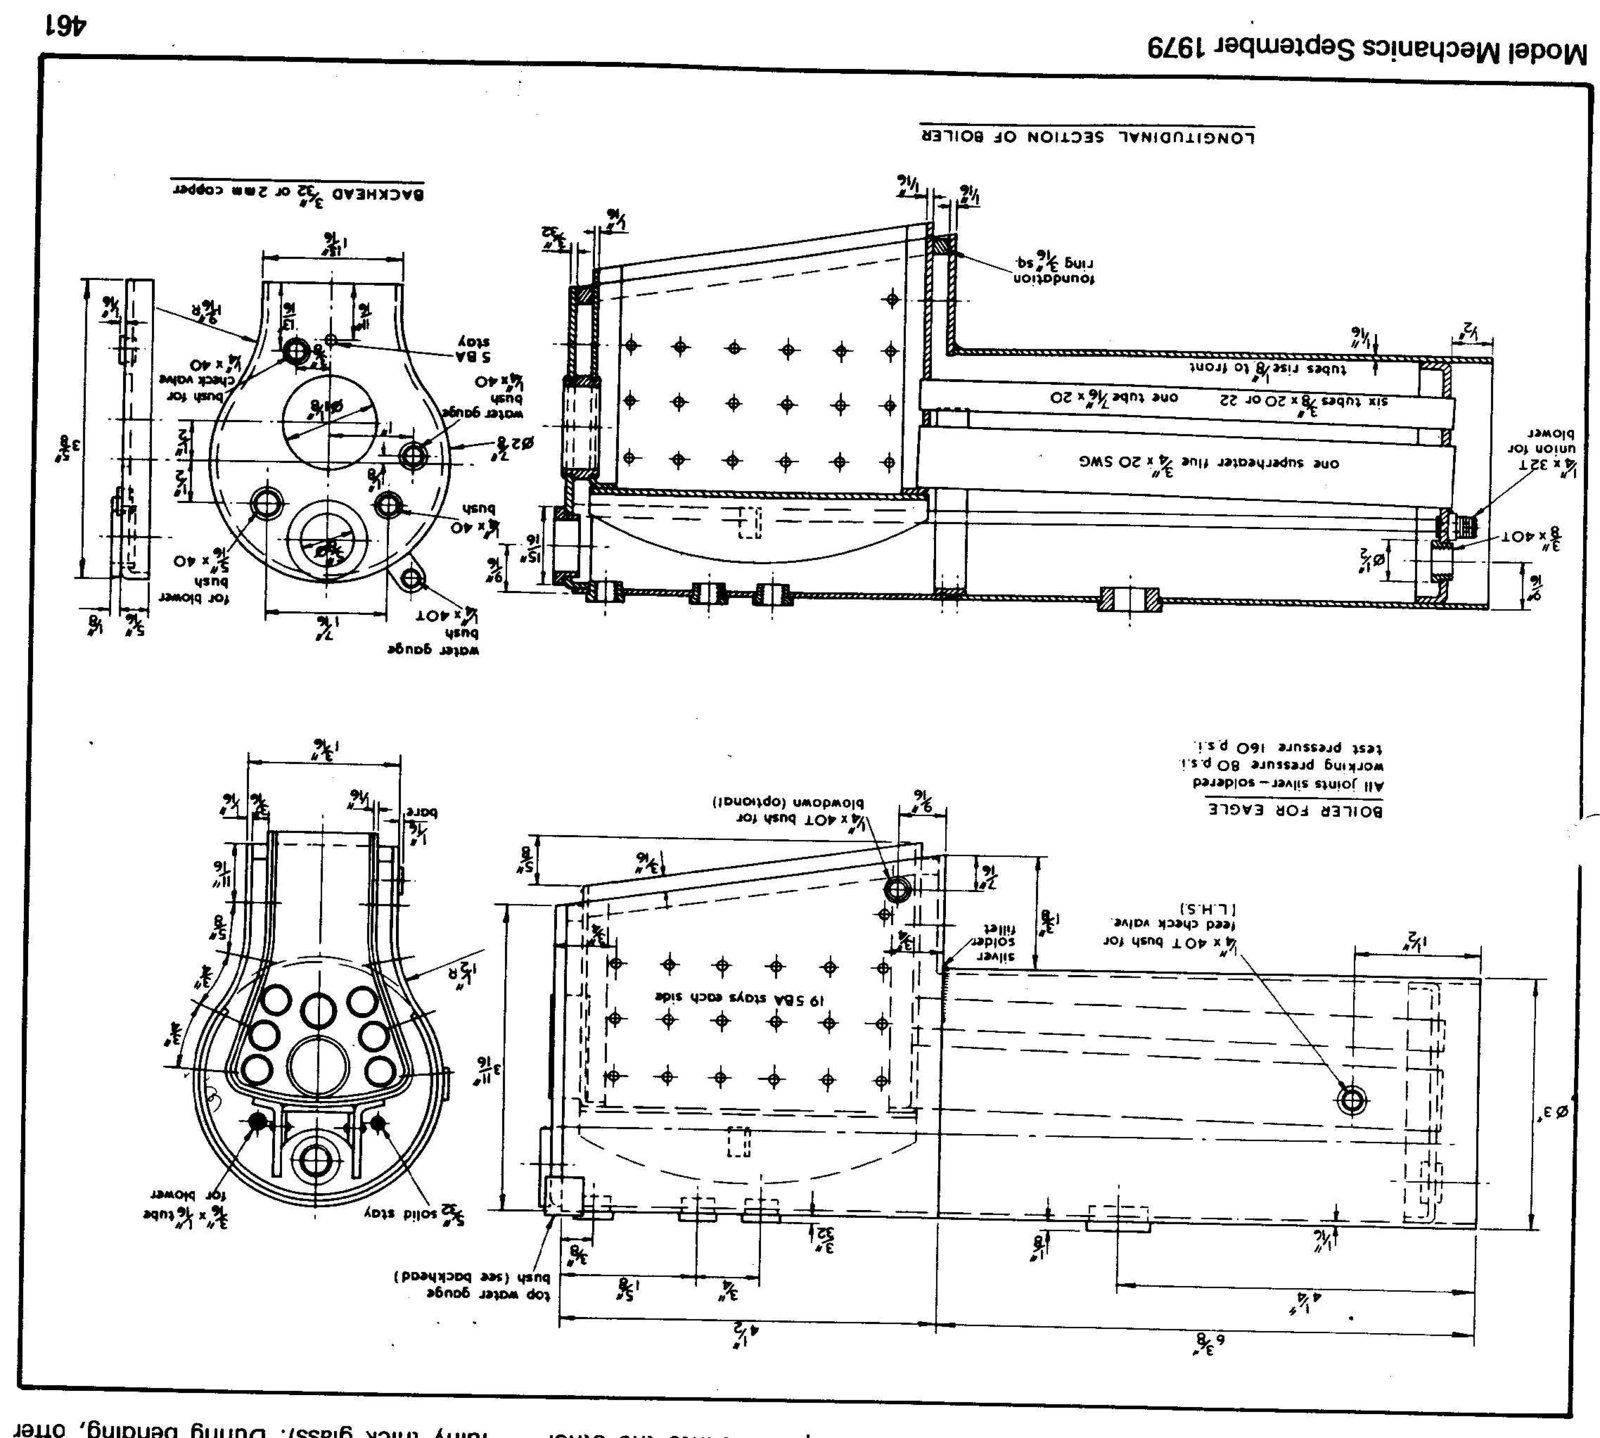 boiler001.jpg